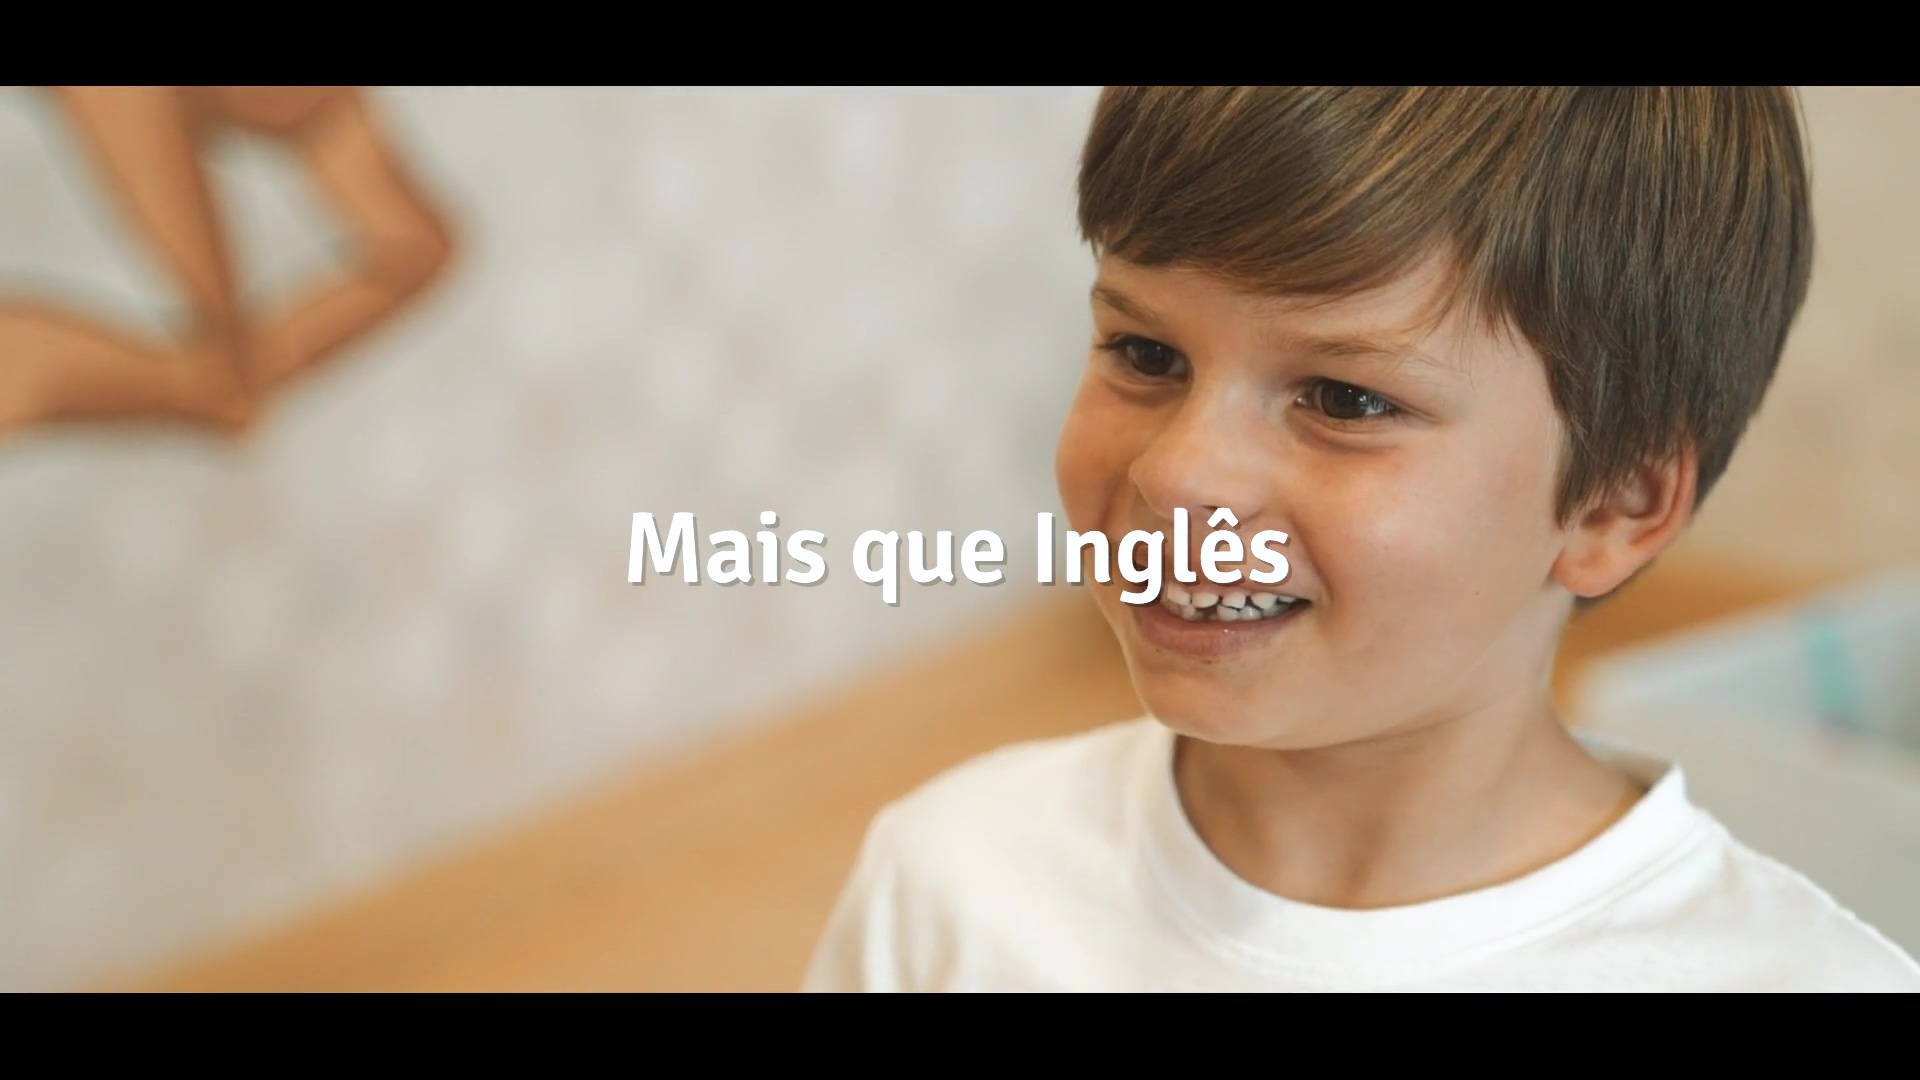 English For Life | Mais que Ingles